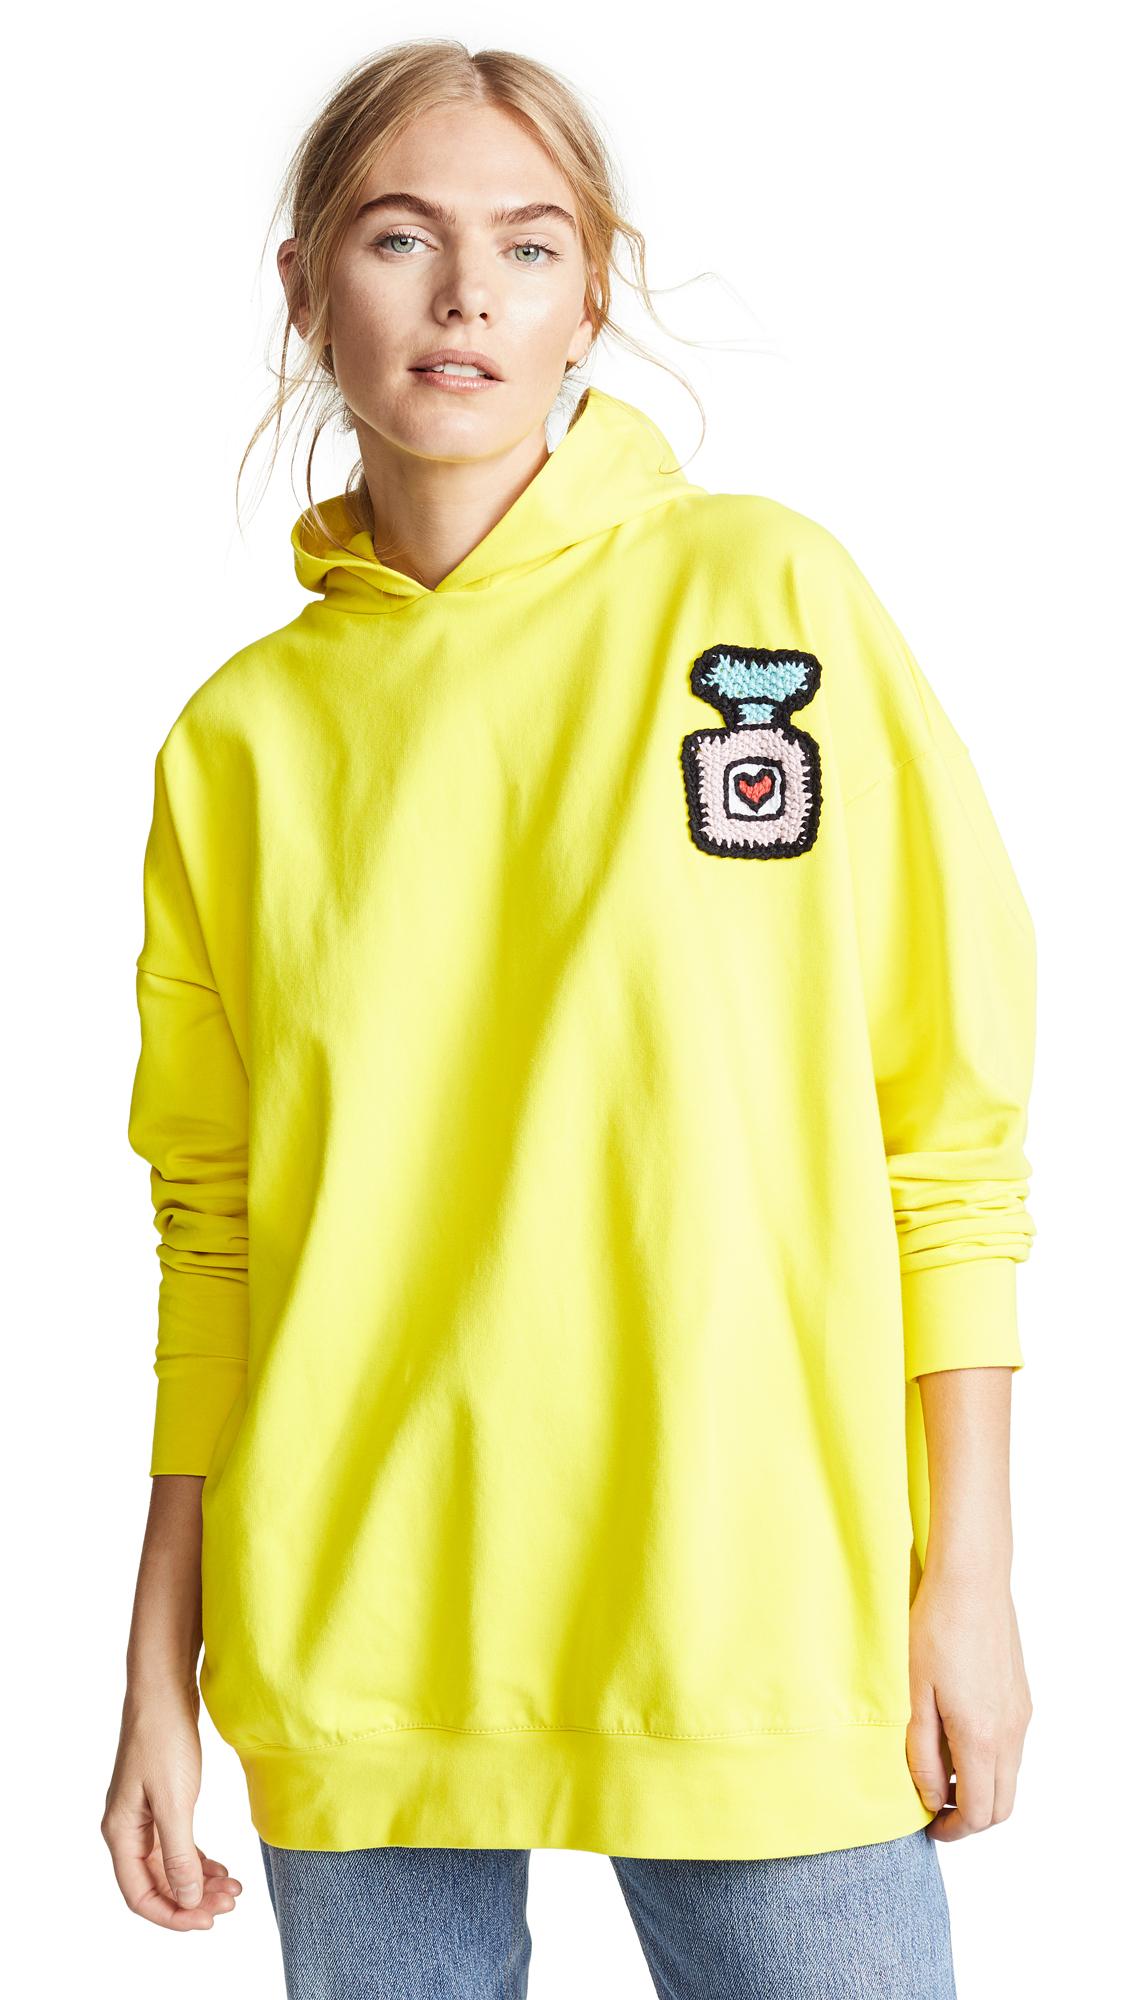 MICHAELA BUERGER Oversized Perfume Bottle Hoodie in Yellow